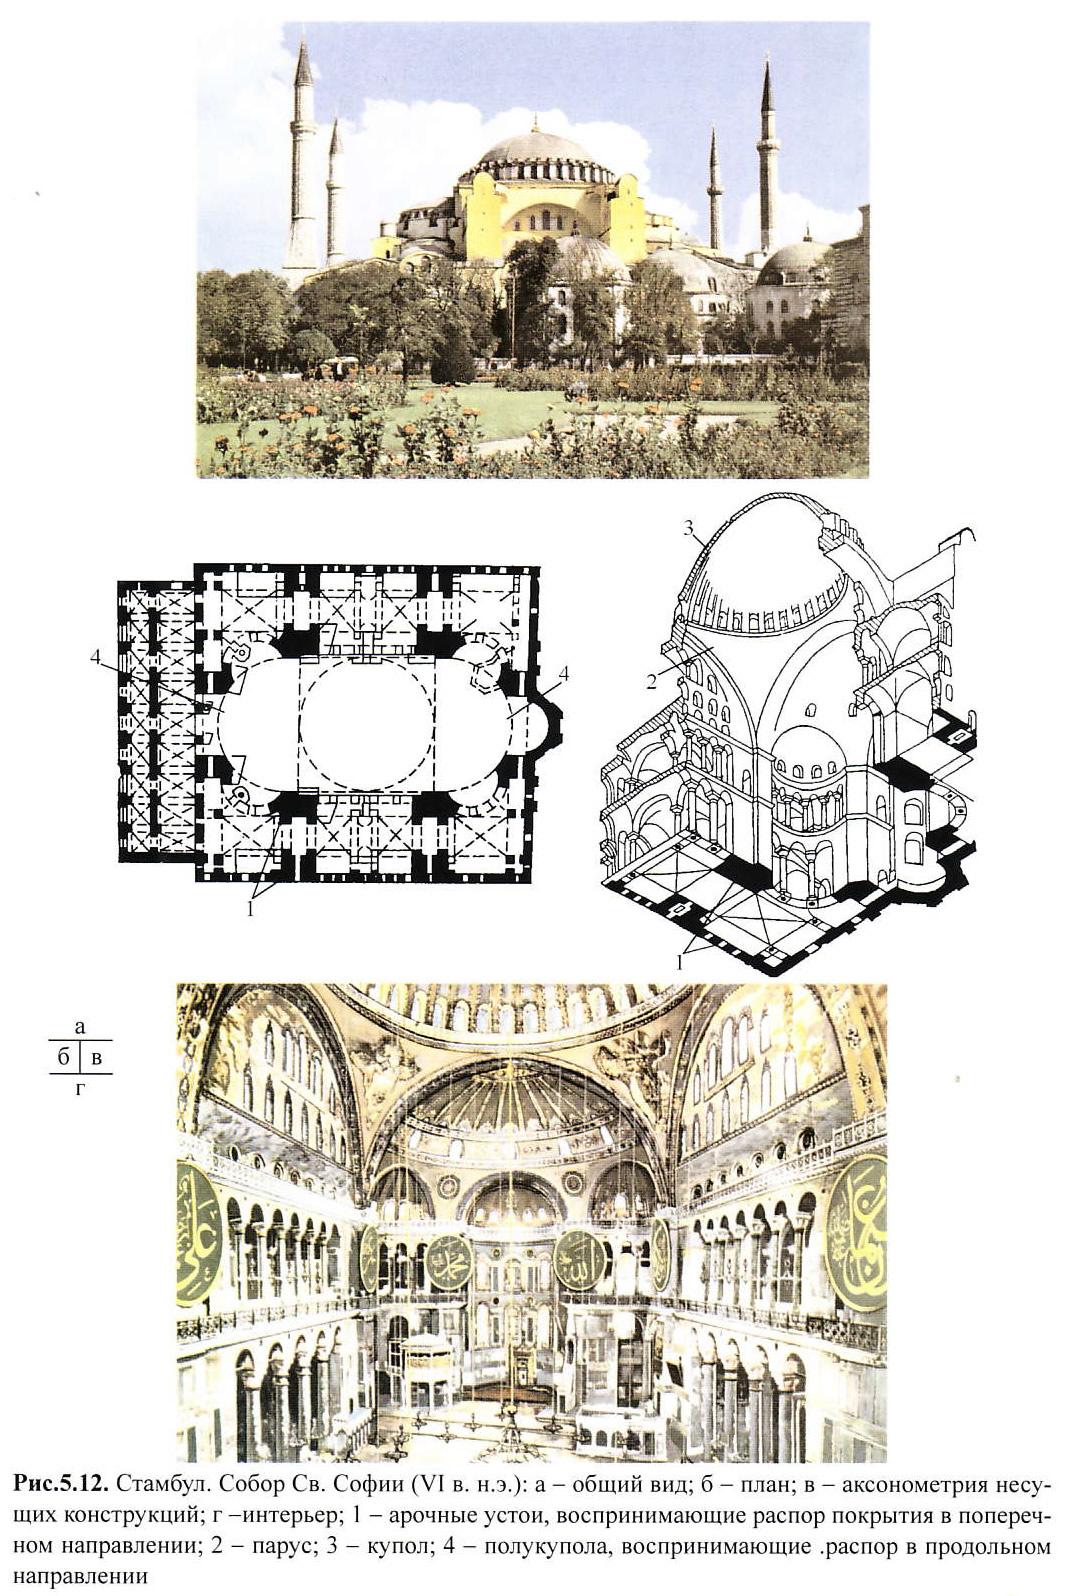 Рис. 5.12. Стамбул. Собор Св. Софии (VI в. н.э.)